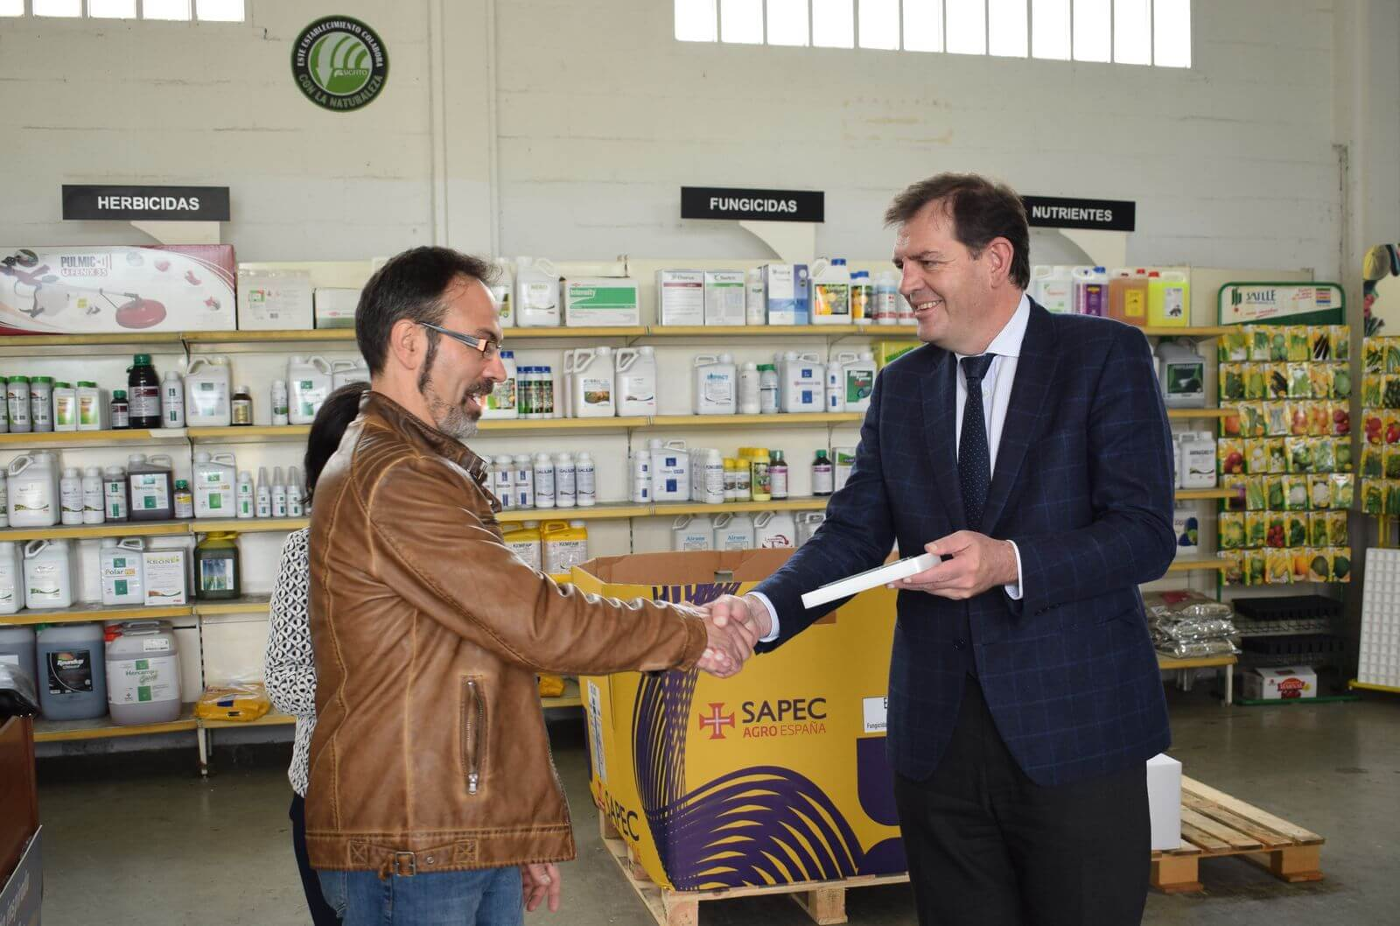 """Agroquímicos Arce de Haro recibe el premio SIGFITO """"por su compromiso ambiental"""" en el reciclaje de envases agrarios 3"""